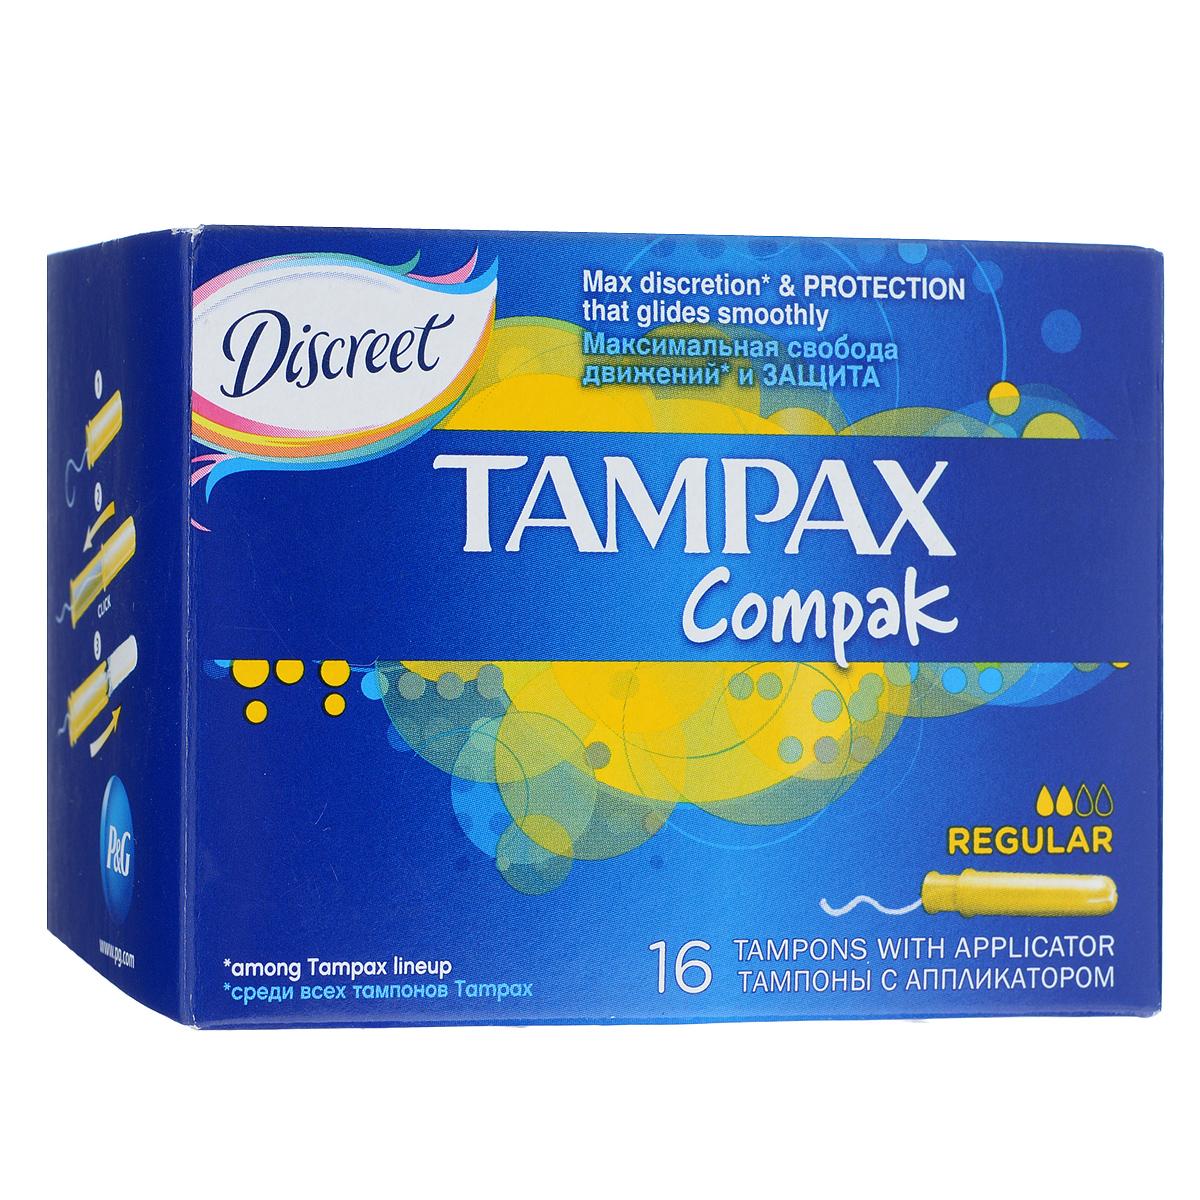 Тампоны гигиенические Tampax Compak Regular, с аппликатором, 16 штTM-83714383Тампон - одно из самых удобных, практичных и гигиеничных средств защиты во время критических дней. Тампоны Tampax Compak Regular предназначены для скудных и умеренных выделений, снабжены цветной гладкой аппликаторной трубочкой, которая значительно облегчает введение тампона во влагалище и правильное его размещение, а также исключает прикосновение к нему руками. Тампоны для интимной гигиены женщин Tampax изготавливаются из смеси специально обработанного, отбеленного хлопкового волокна и вискозы, которая спрессовывается в цилиндрик. Каждый тампон упакован в индивидуальную упаковку. Все материалы, используемые в производстве женских гигиенических тампонов Tampax, безопасны для здоровья женщины, натуральны, хорошо утилизируются, не нанося вред окружающей среде. Сырье и готовая продукция подвергаются бактериологическому контролю в лаборатории страны-производителя.Впитываемость: 6-9 г.Товар сертифицирован.